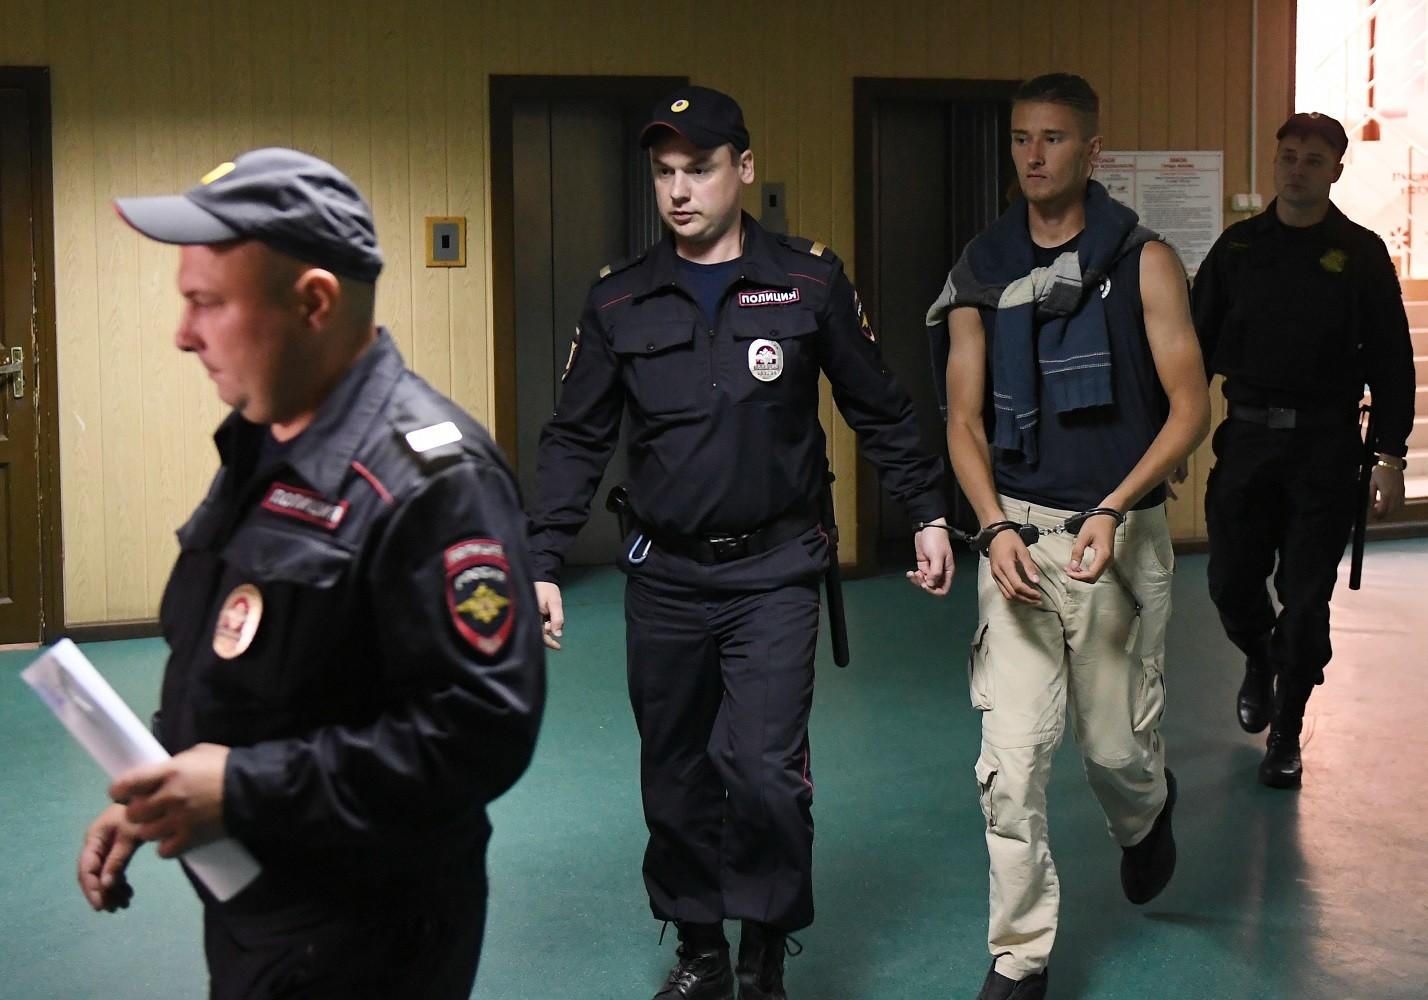 مجلس حقوق الإنسان الروسي: لا أدلة على الإخلال بالنظام في مسيرة 27 يوليو